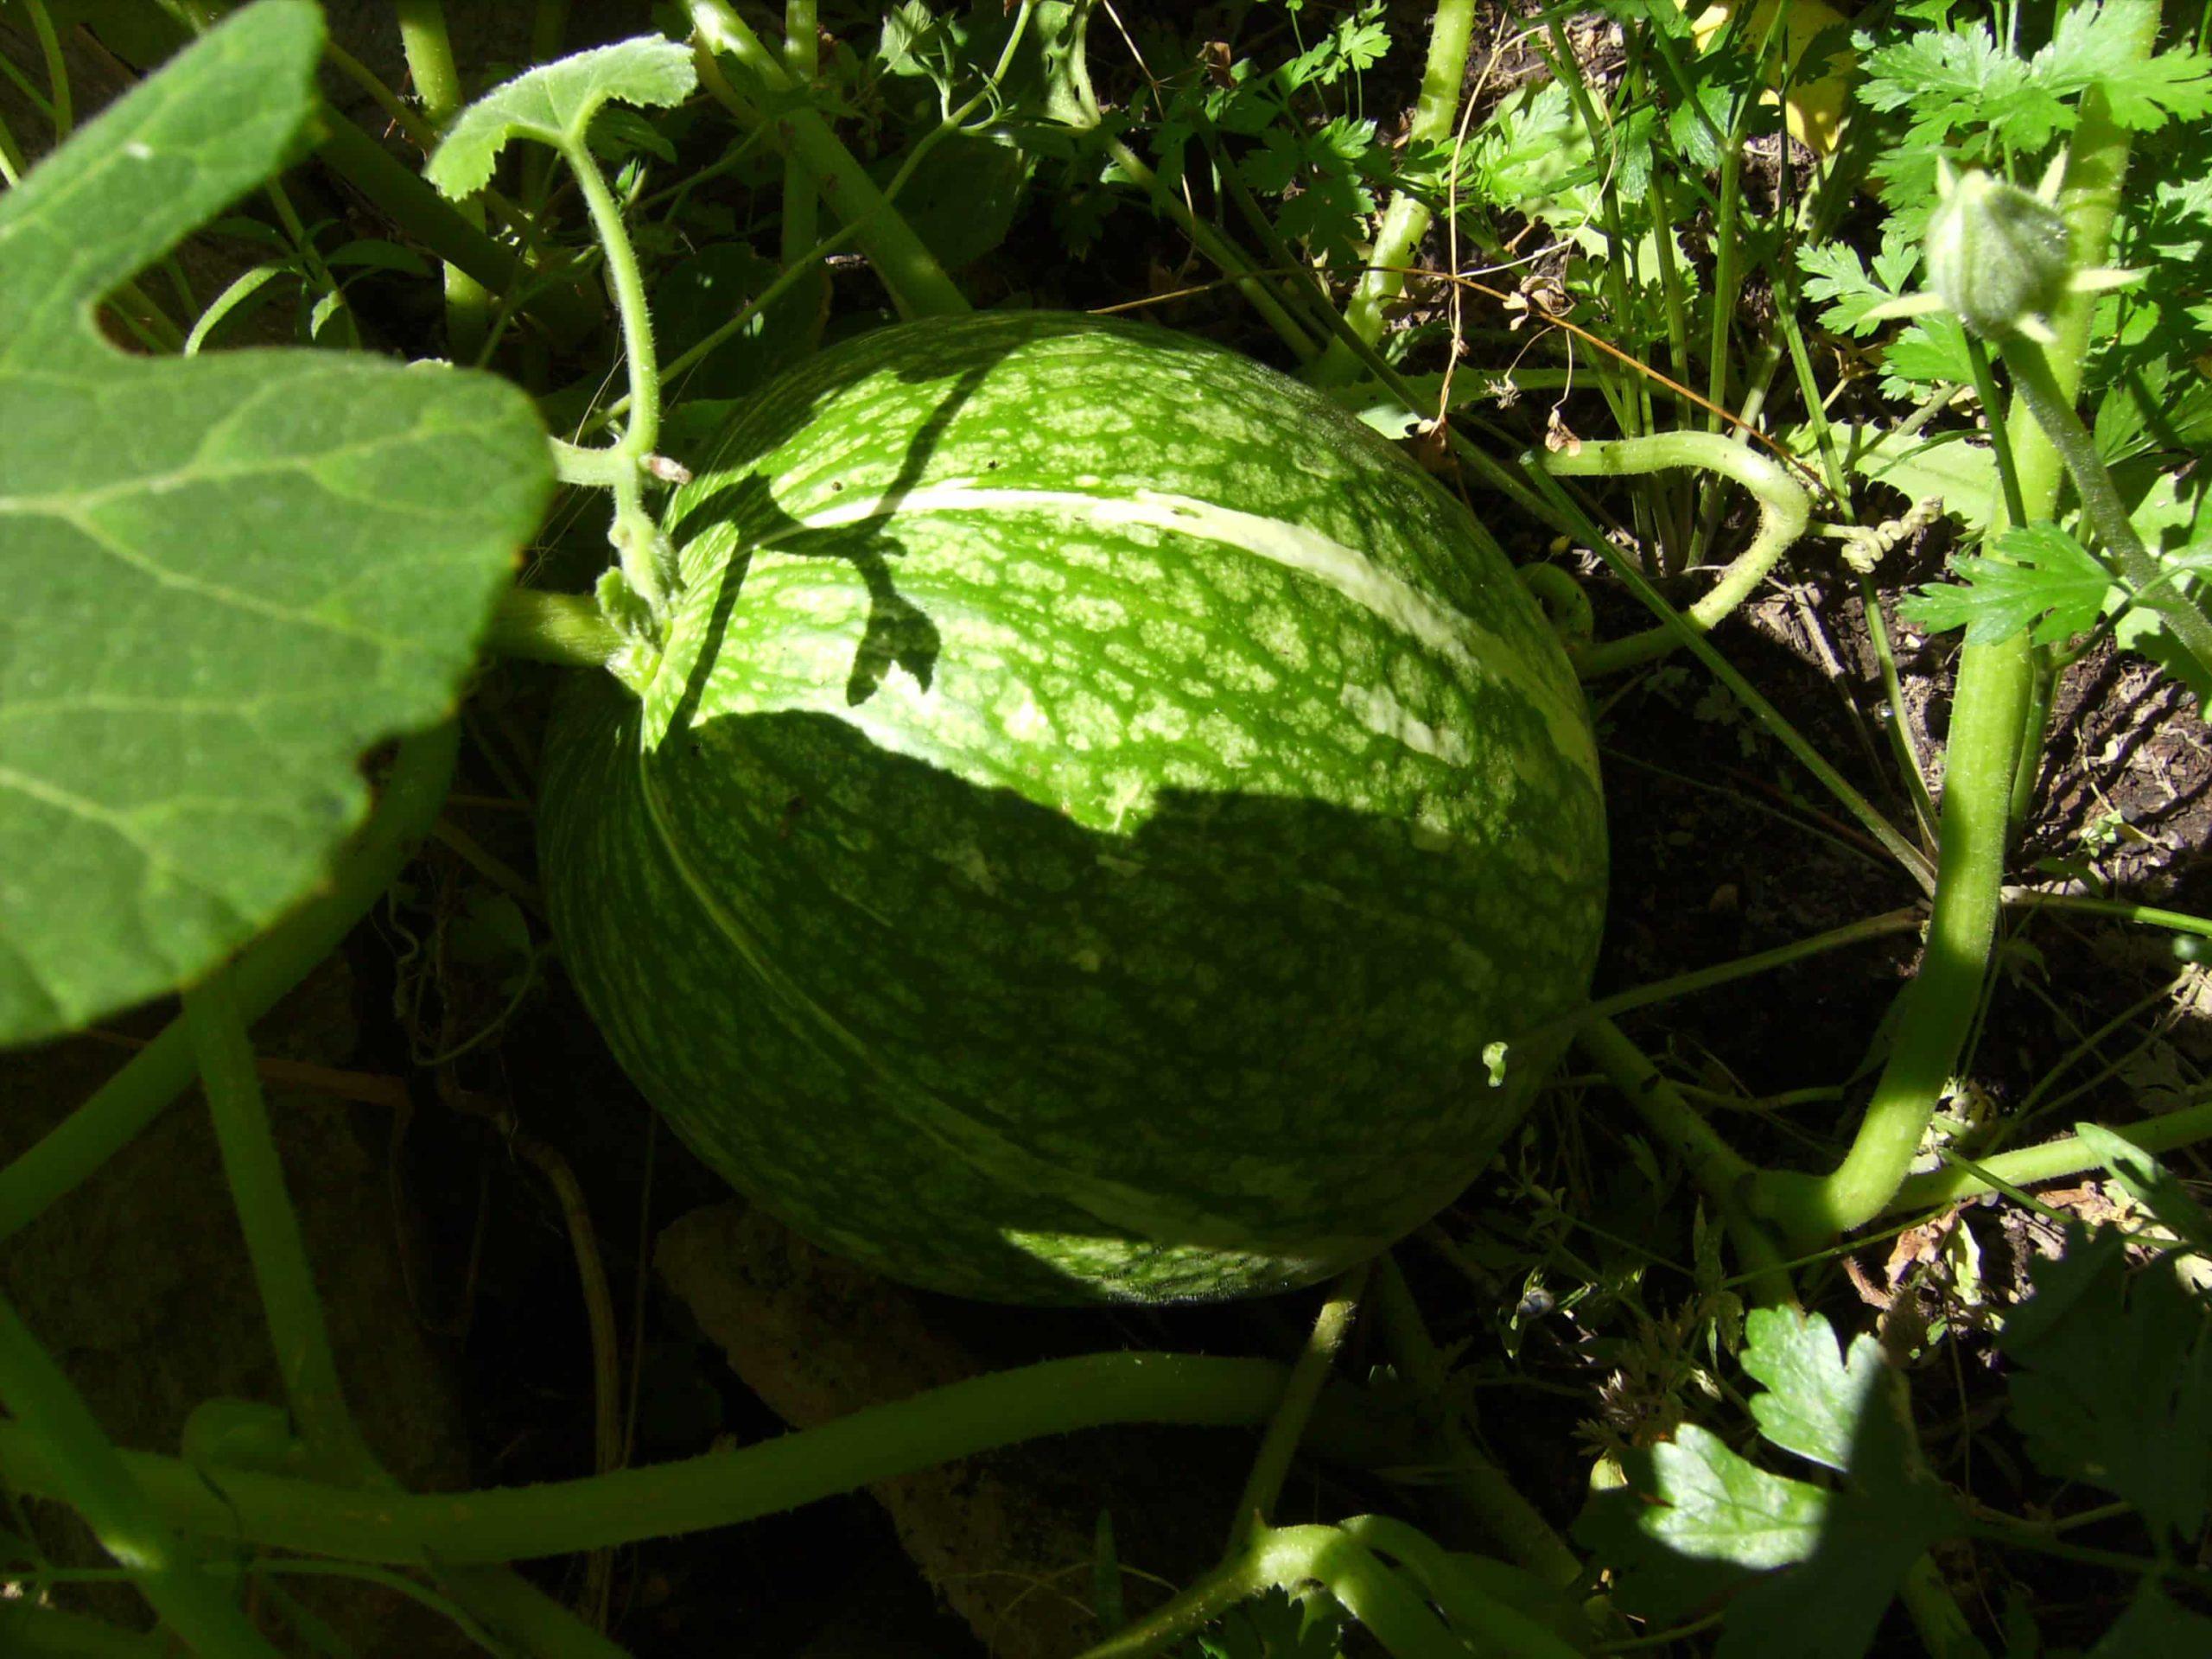 Ты́ква фиголи́стная (лат. Cucurbita ficifolia).